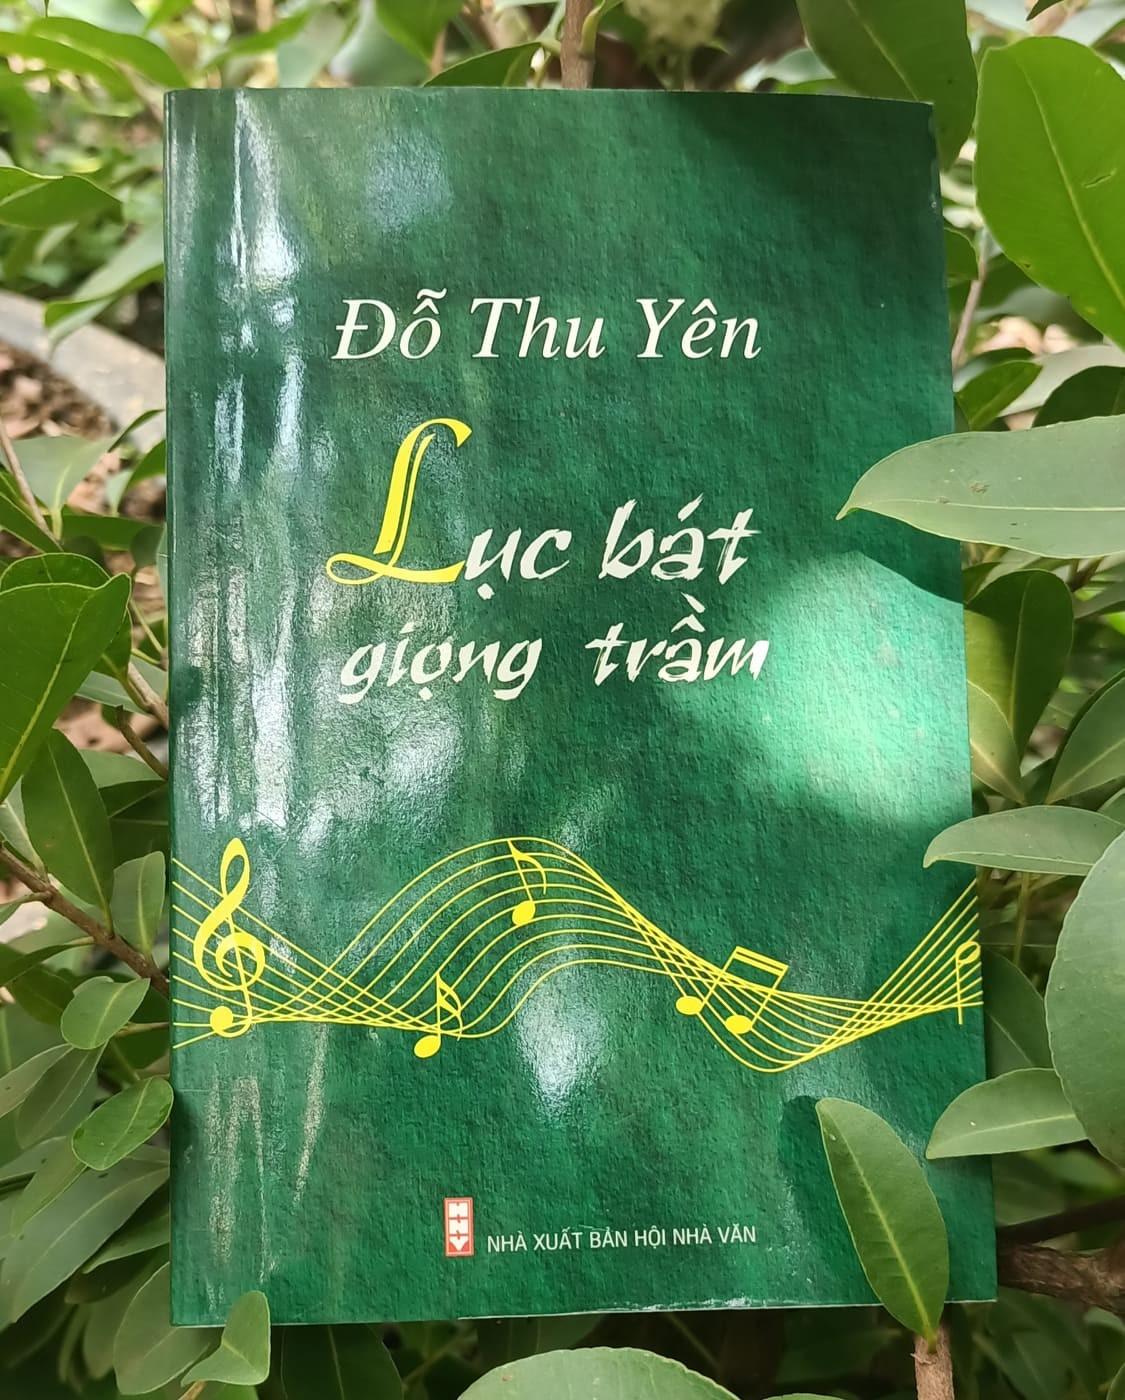 bia-tap-tho-luc-bat-giong-tram-cua-do-thu-yen-1625825860.jpg